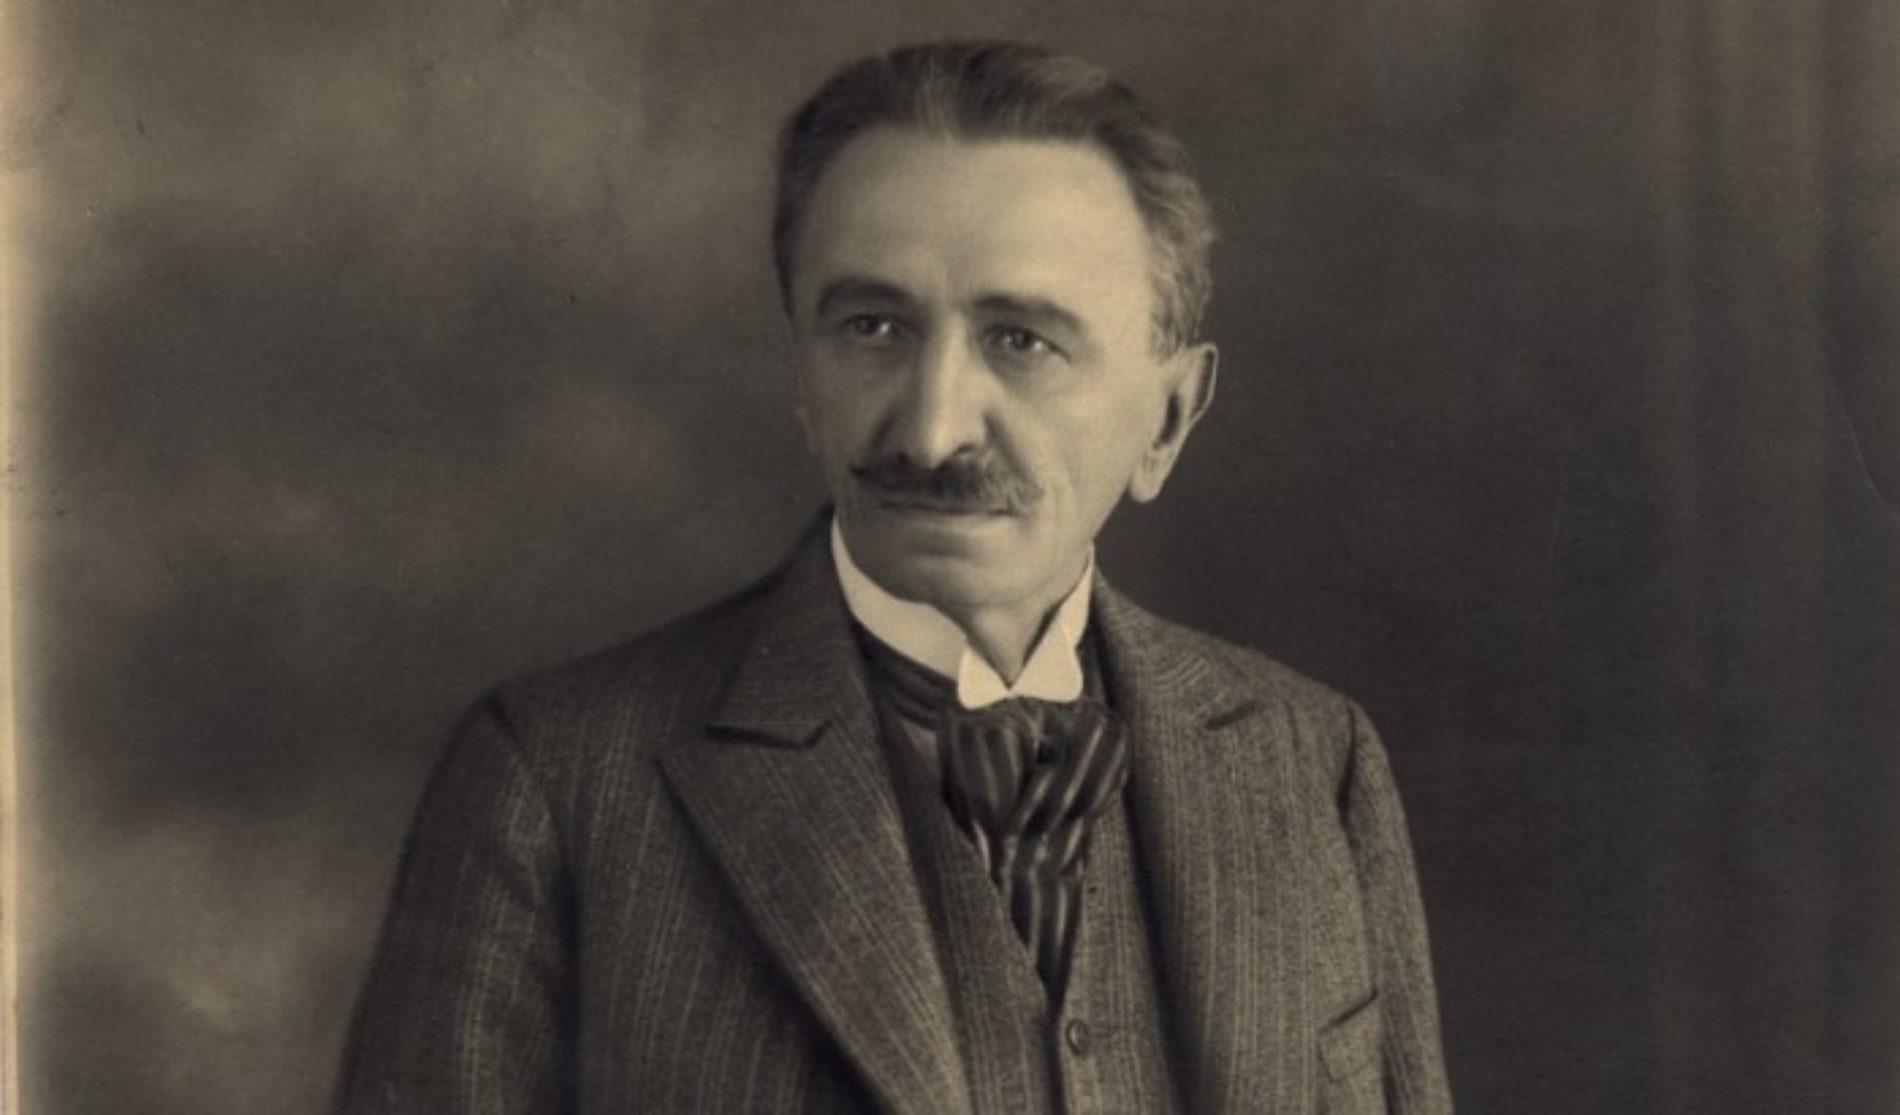 Poklanjamo knjige: Branislav Nušić – svevremenski sarkastični kritičar društva